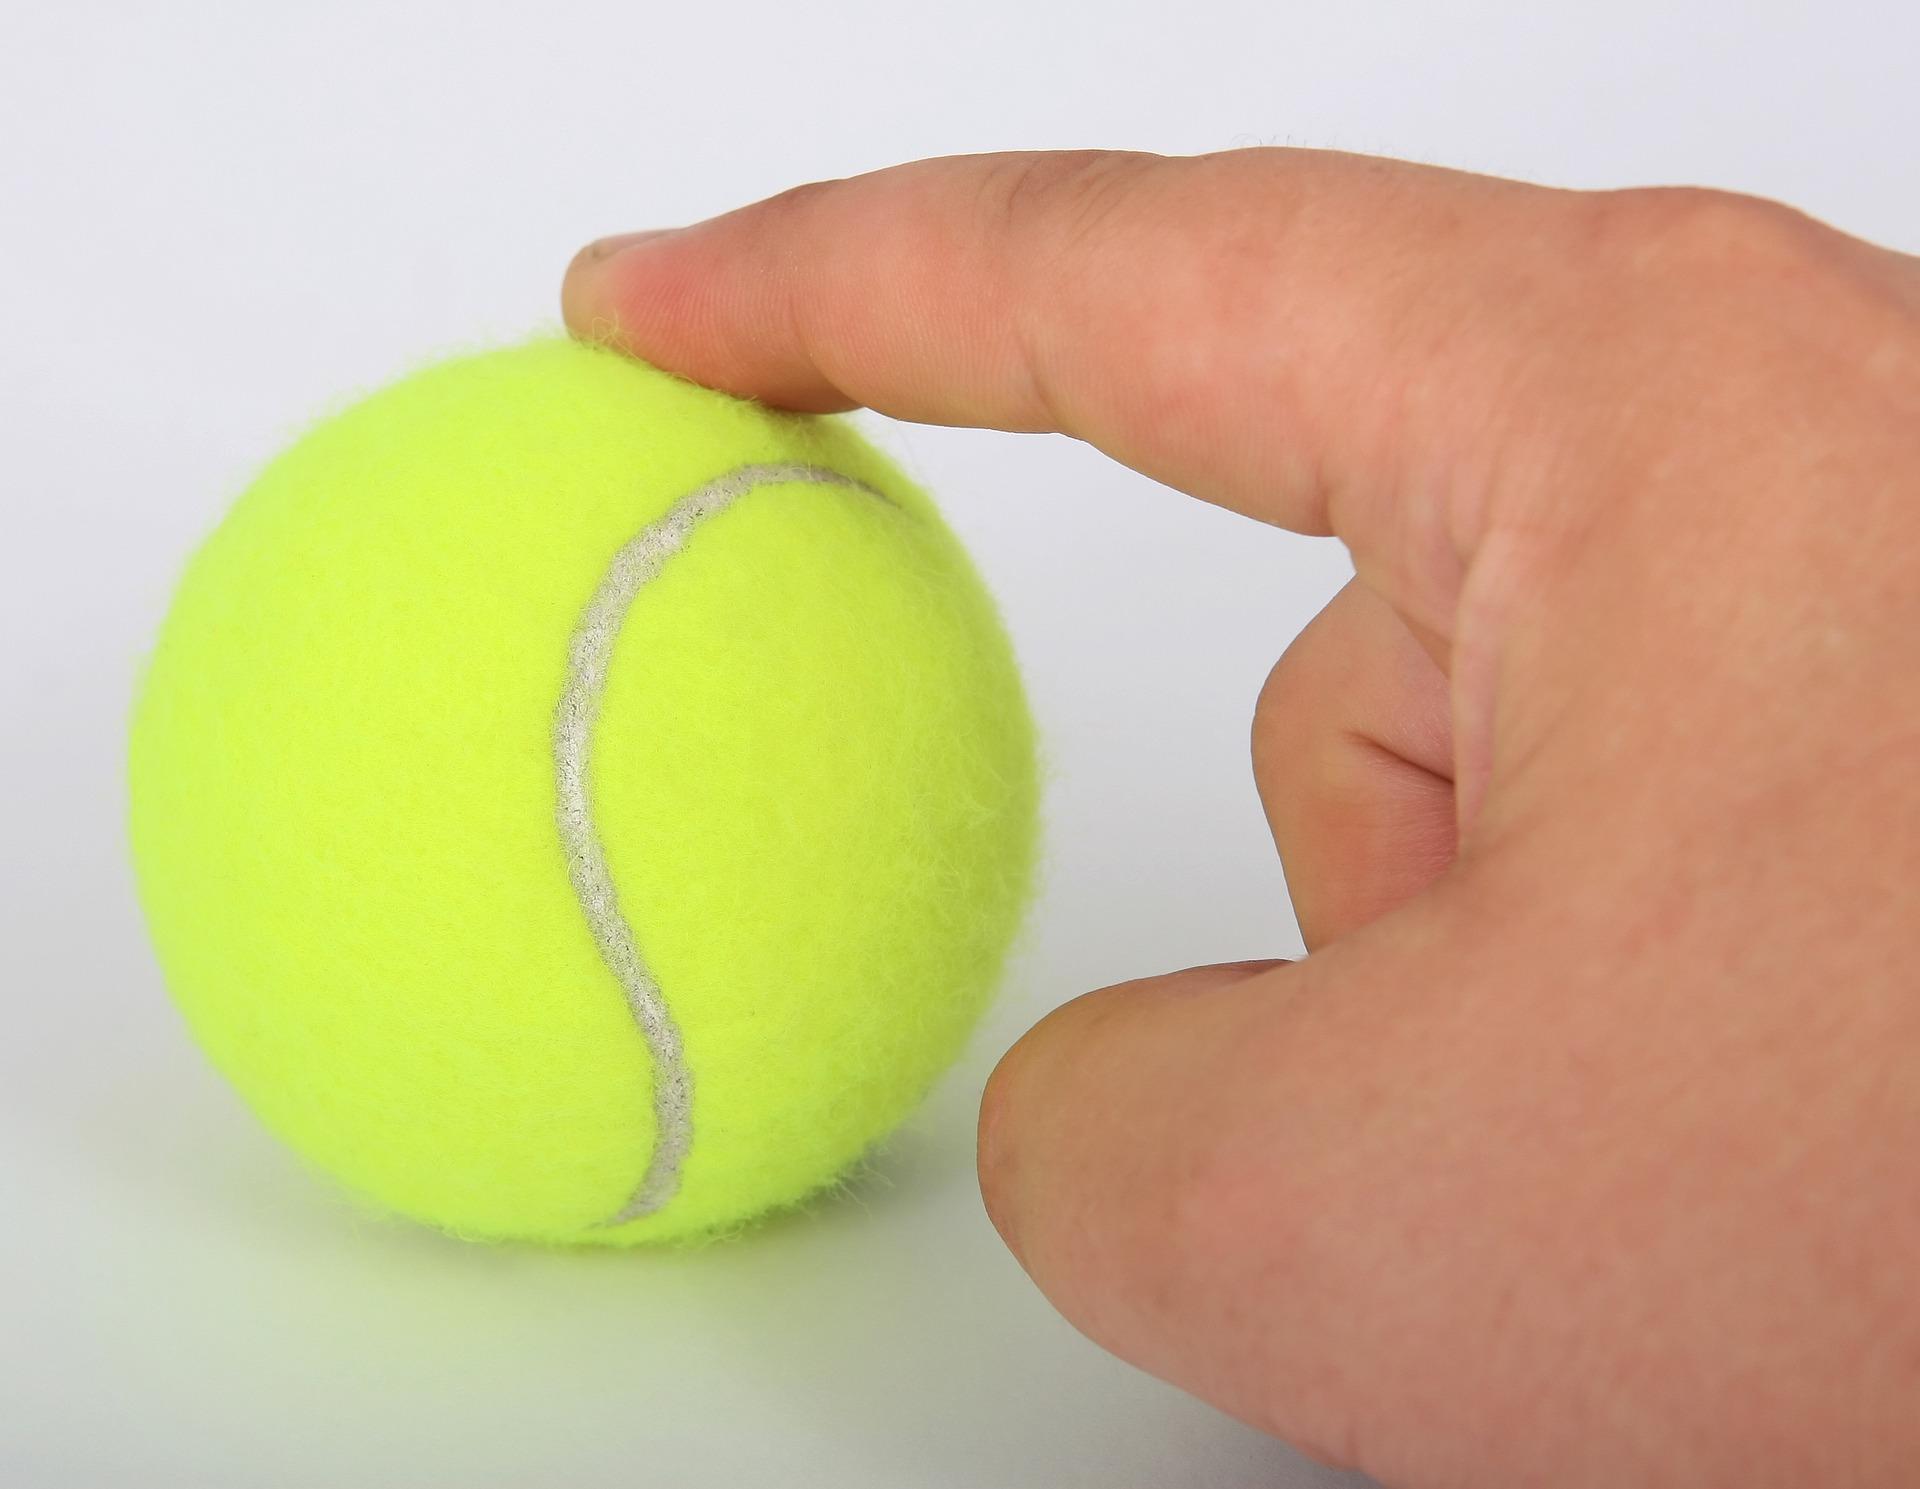 Dlaczego profesjonaliści przebierają w piłkach w czasie trwania meczu?